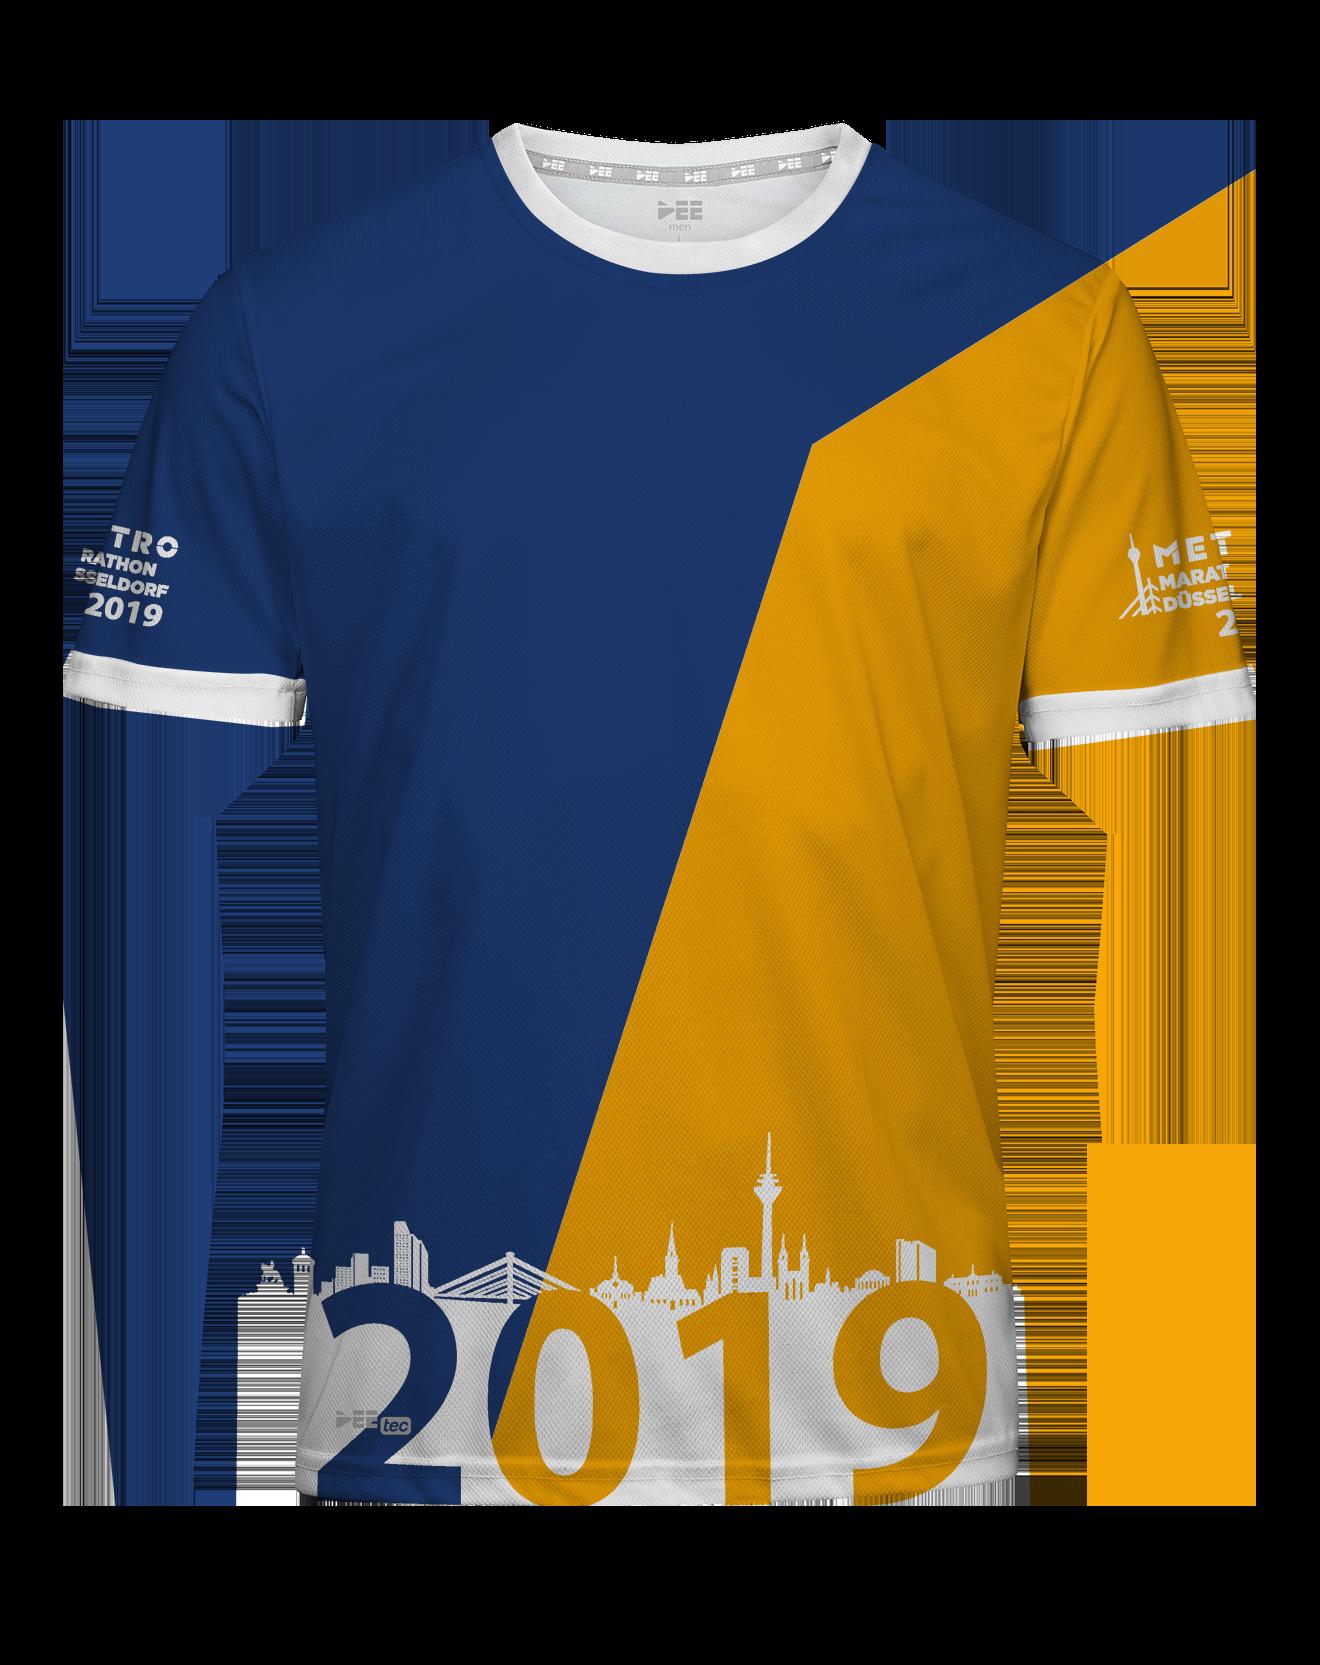 Eventshirt 2019 front